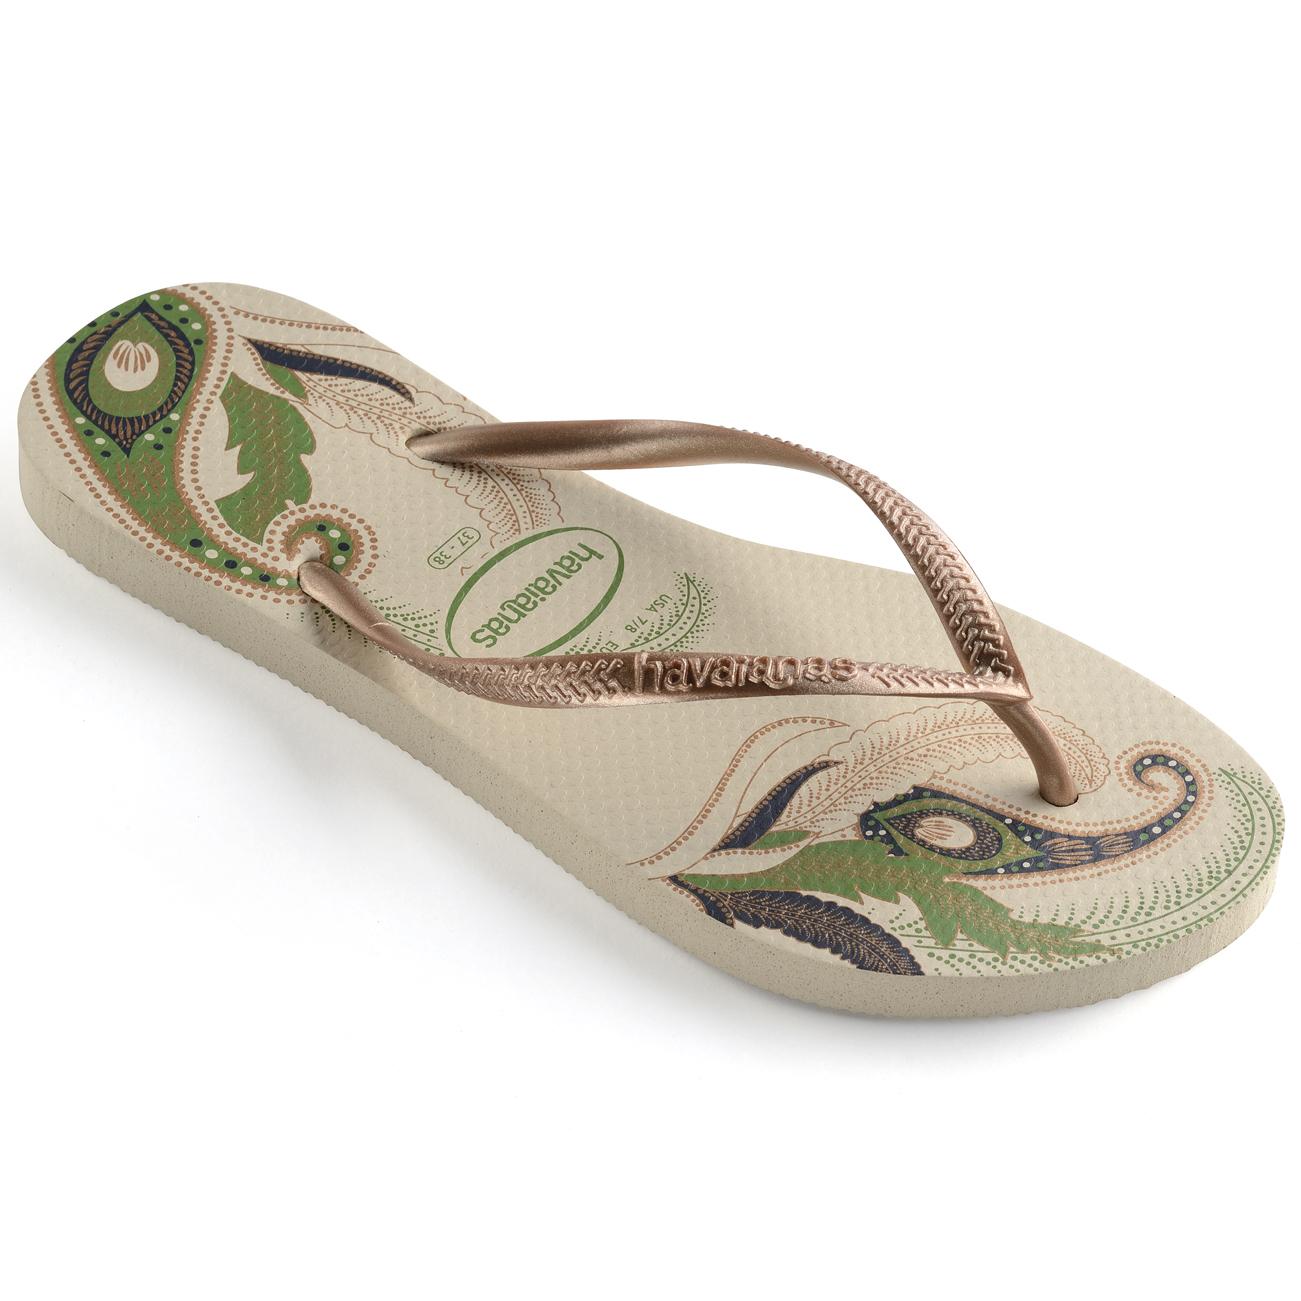 Havaianas Damen Slim Organic Gummi Leicht Strand Mode Sommer Flip Flops - Marine/Silber - 39/40 R4bLnuXGQm